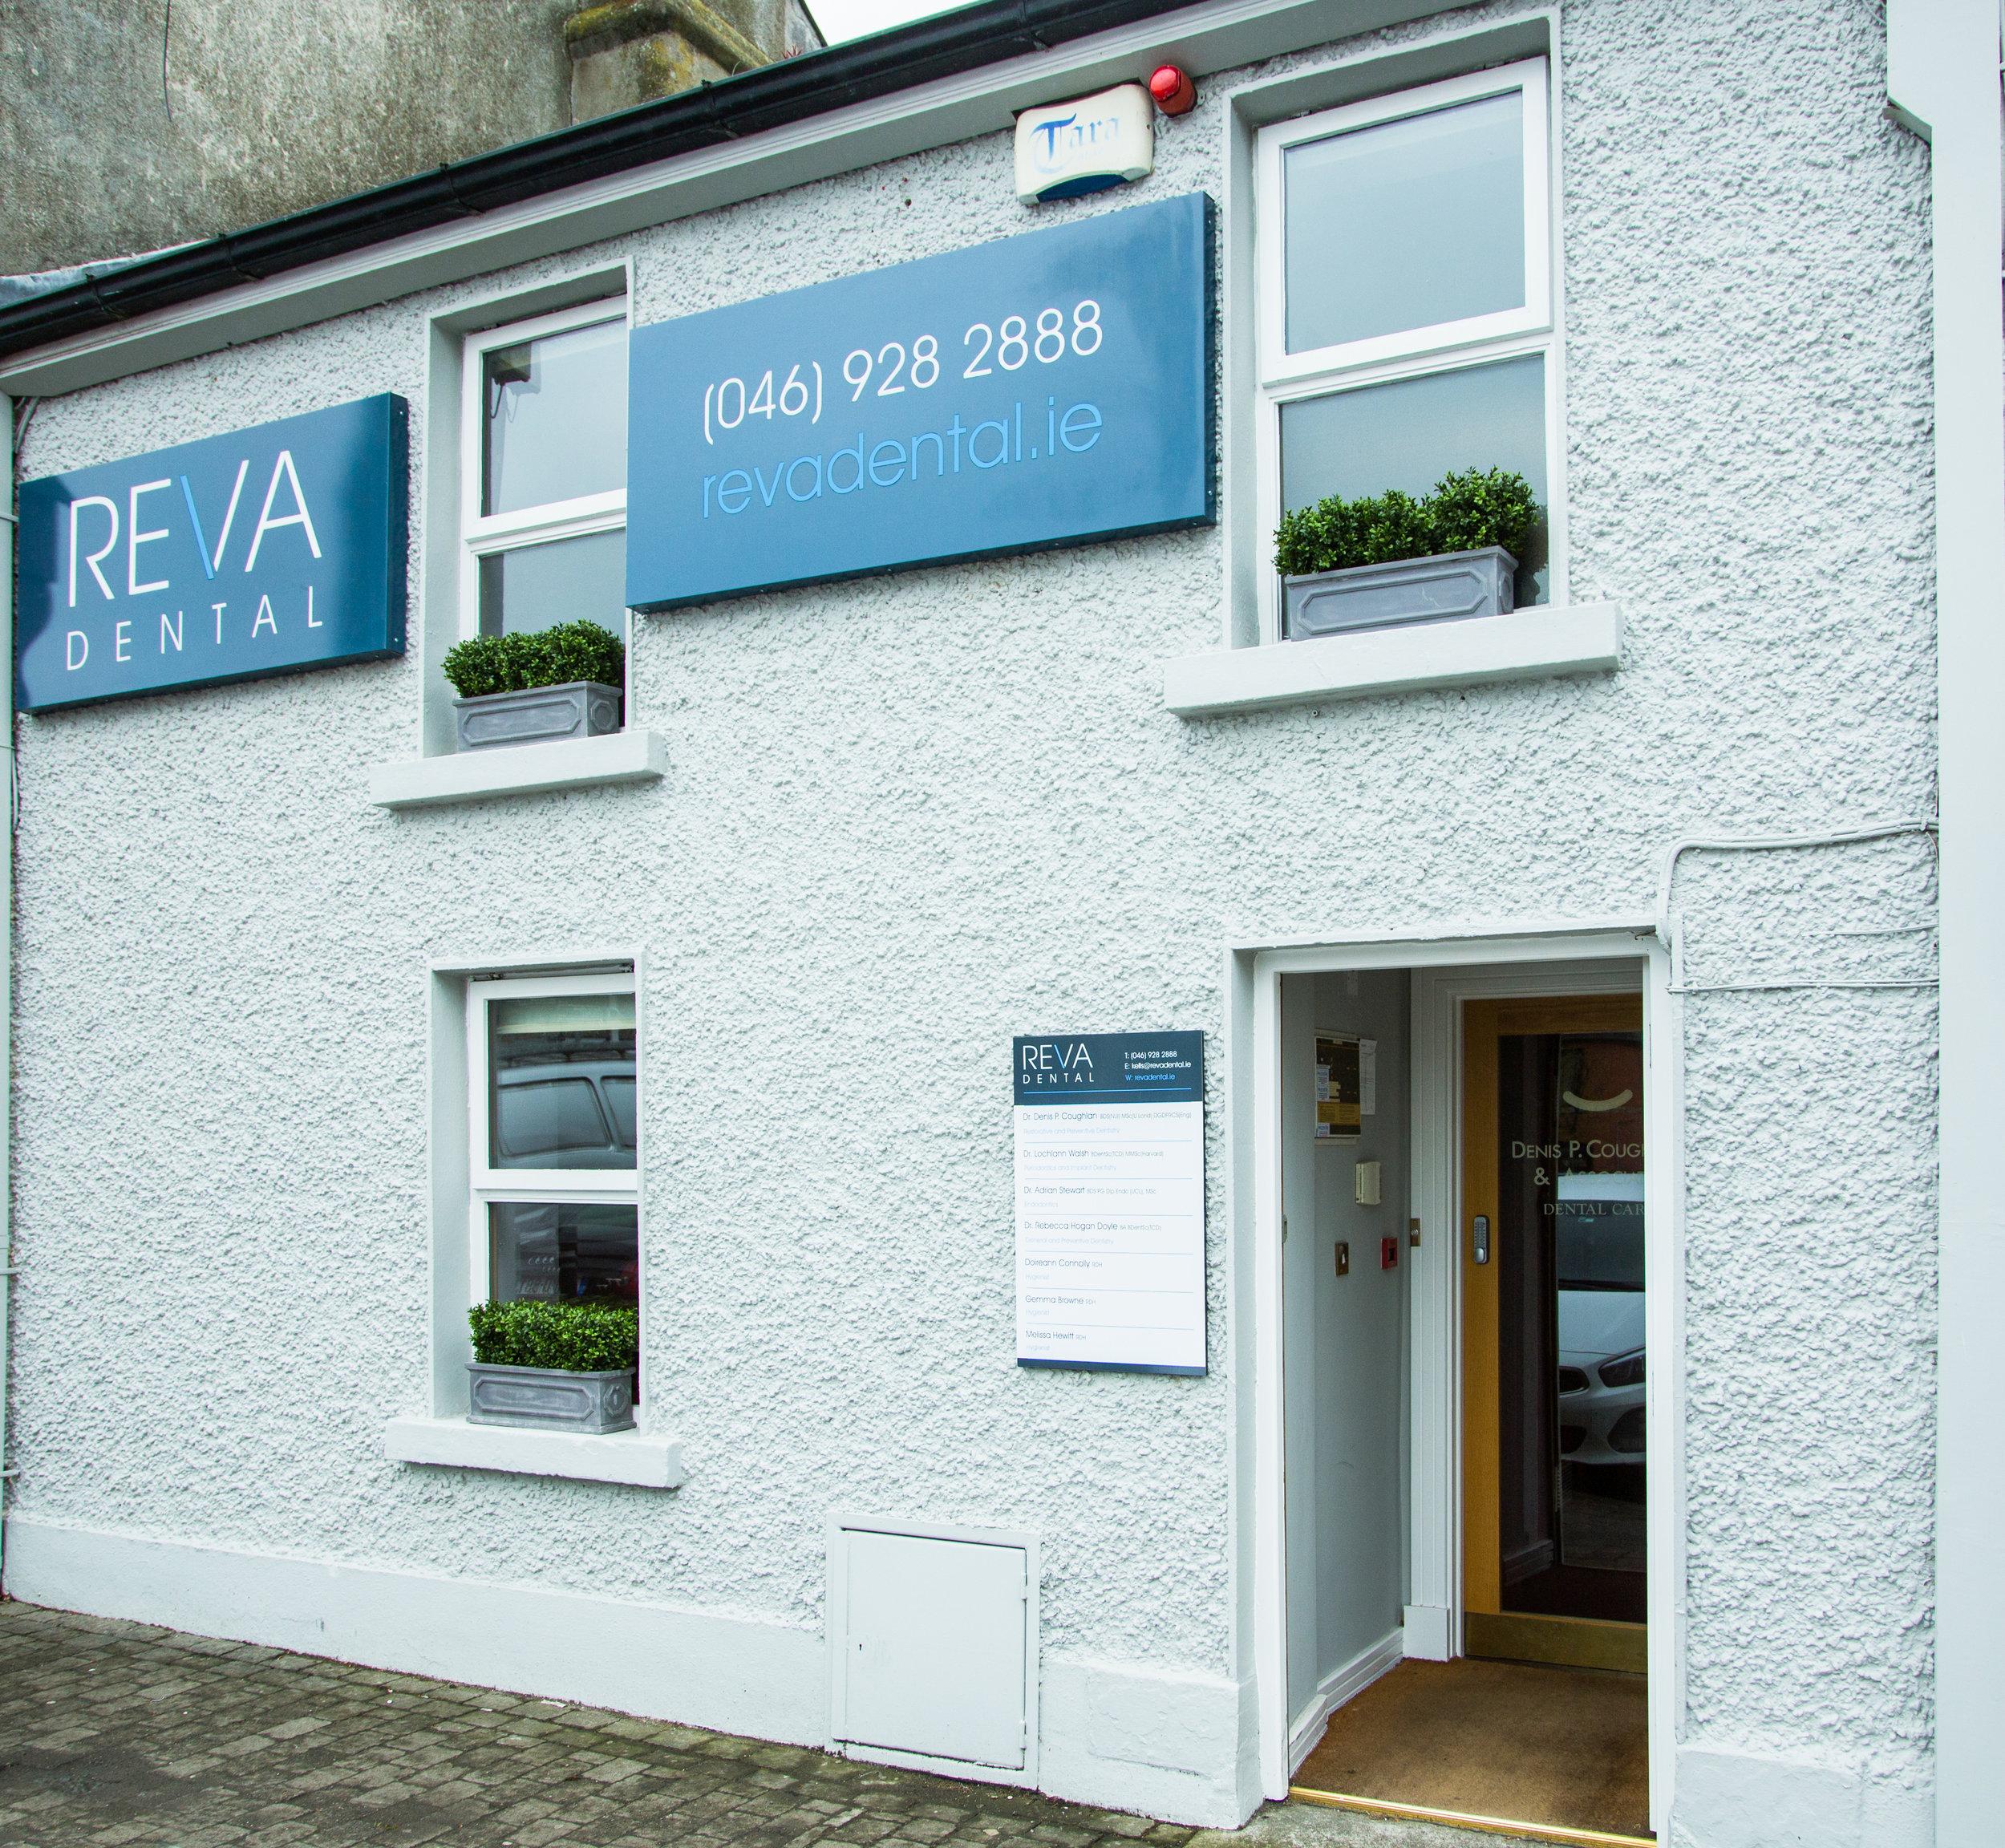 Reva Dental Clinic Kells